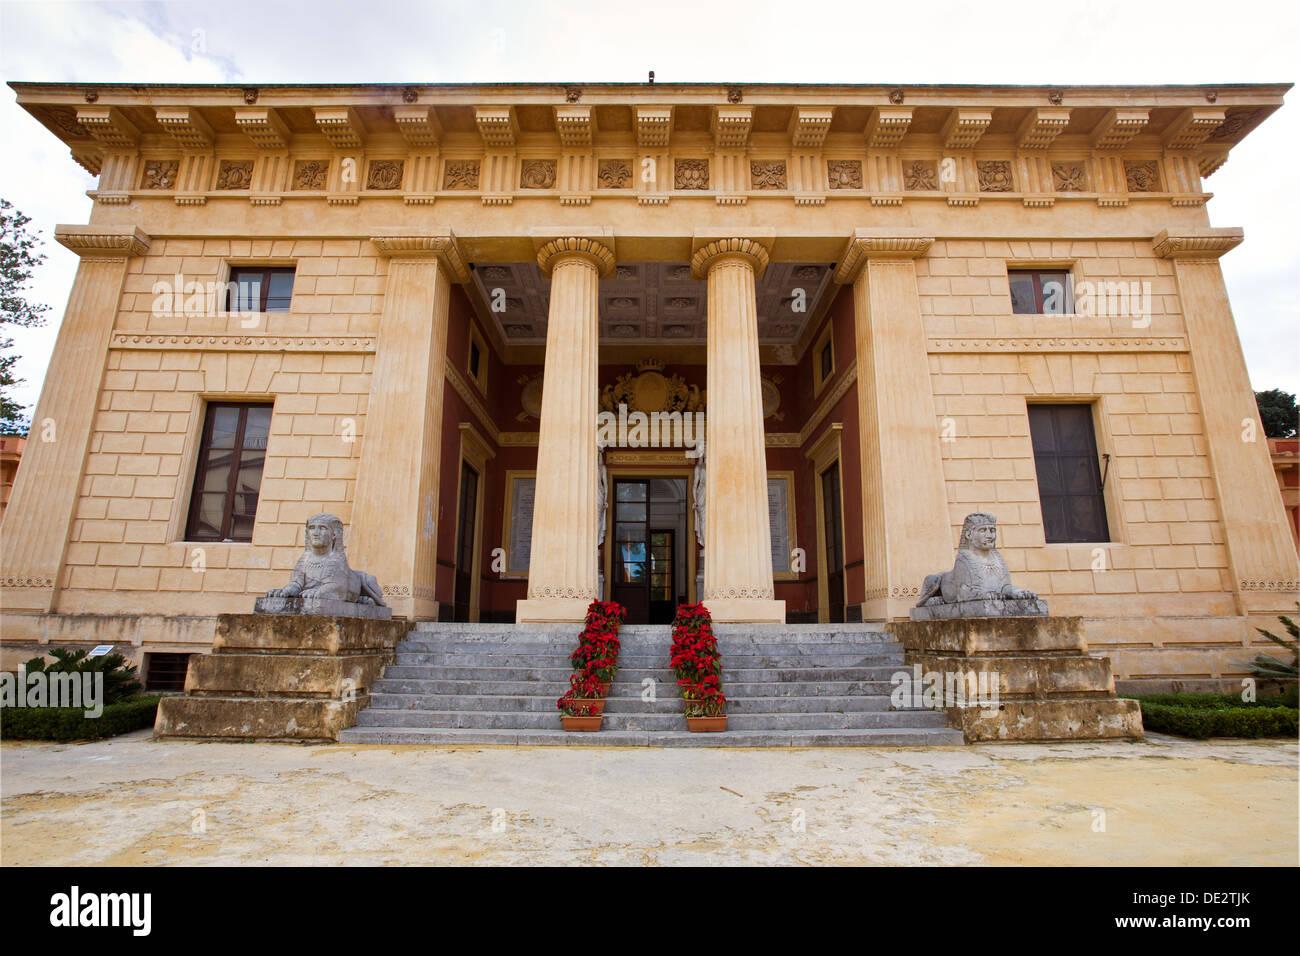 Palermo Botanischer Garten und ein Forschungs- und Bildungseinrichtung der Abteilung für Botanik an der Universität Stockfoto